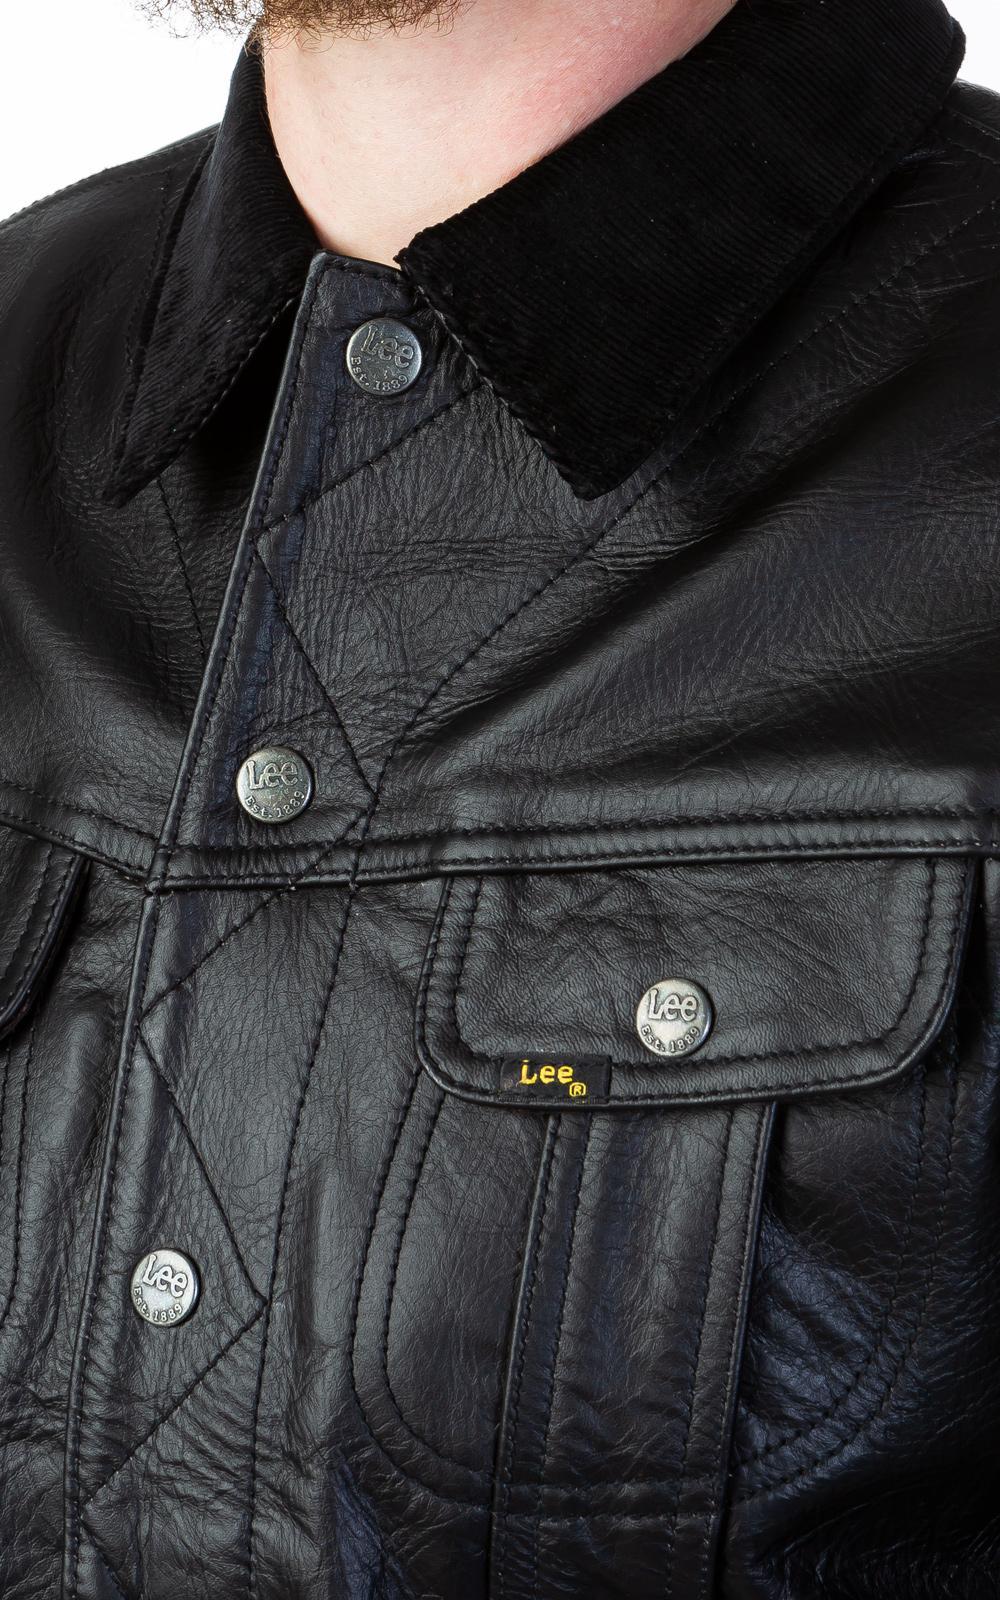 Lee Jeans Leather Storm Rider Jacket Black for Men